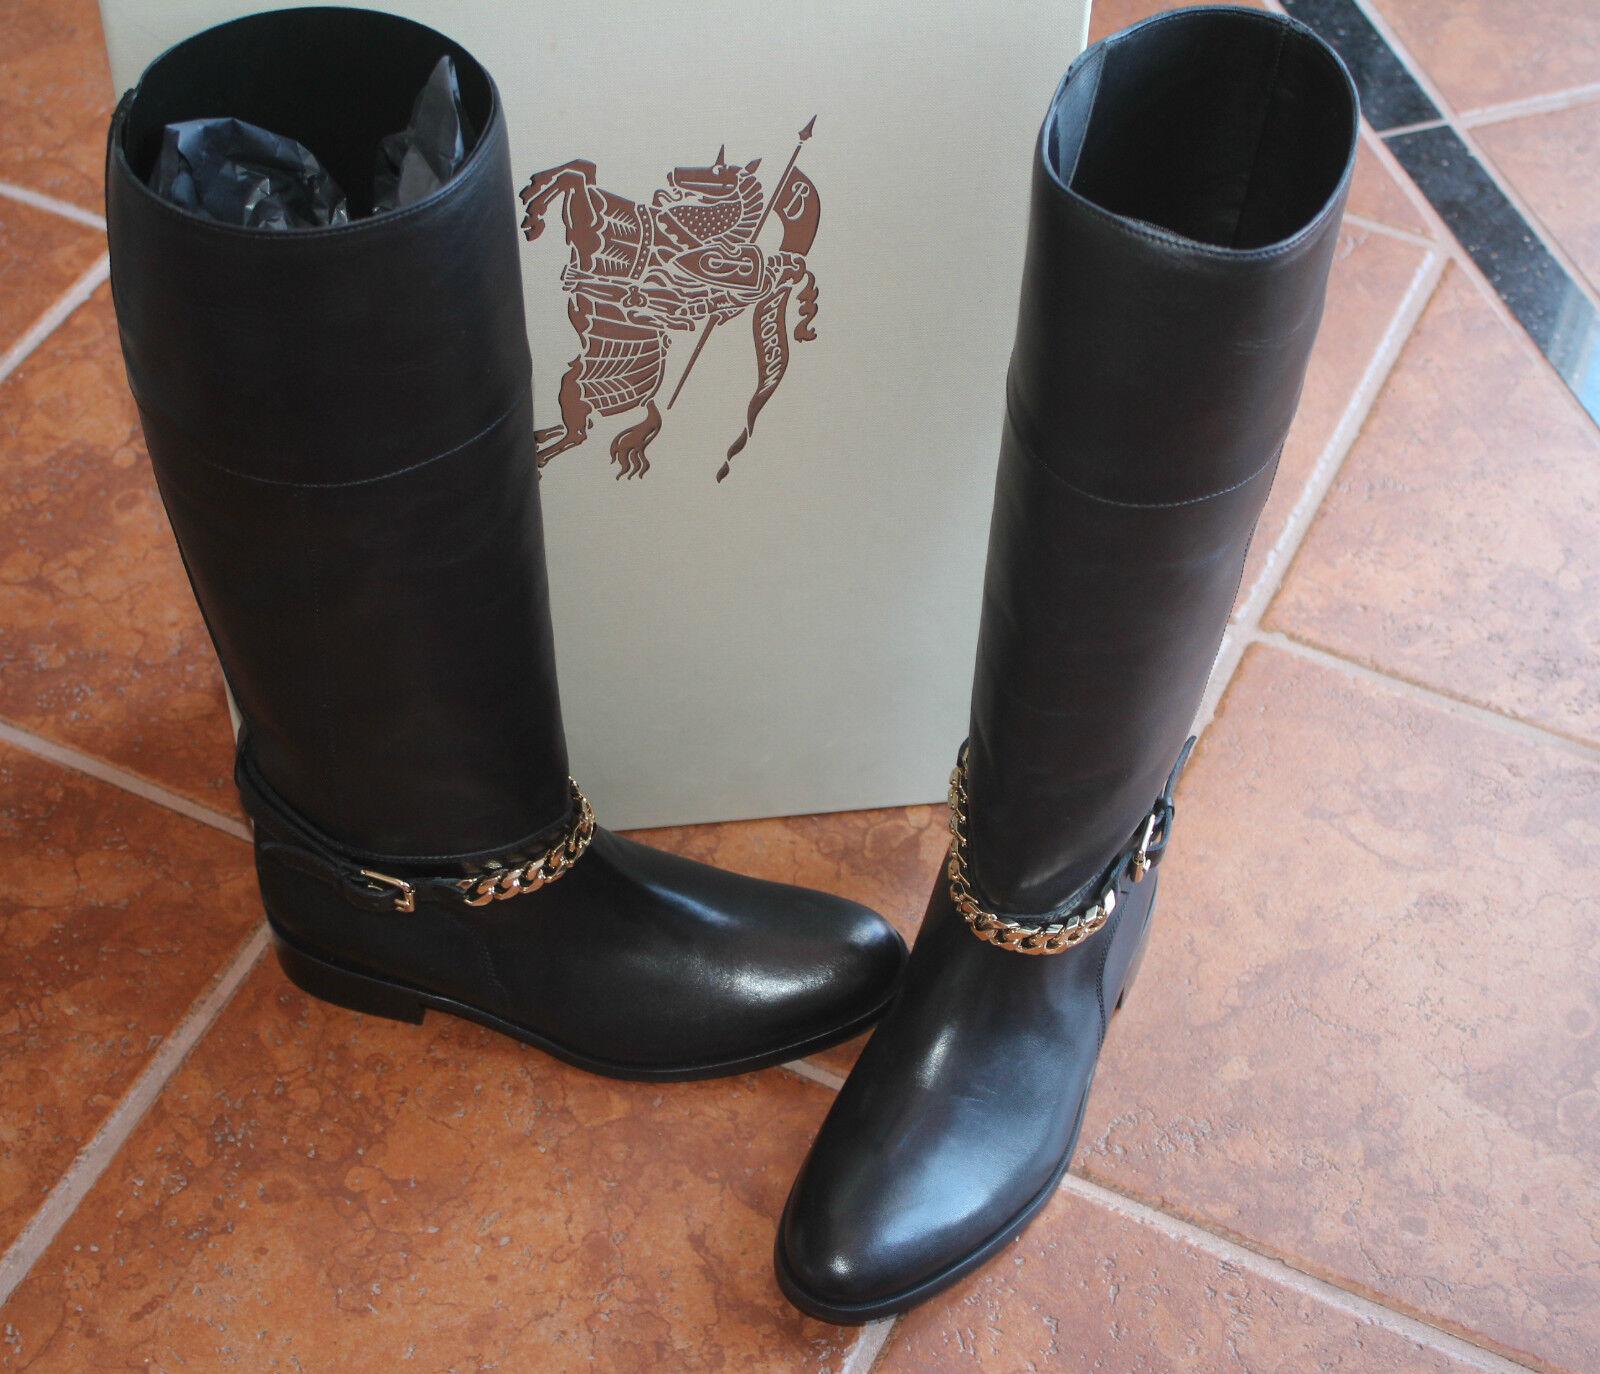 BURBERRY PERRIDON schwarz 9us LEATHER Stiefel  9us schwarz  950 3b2686